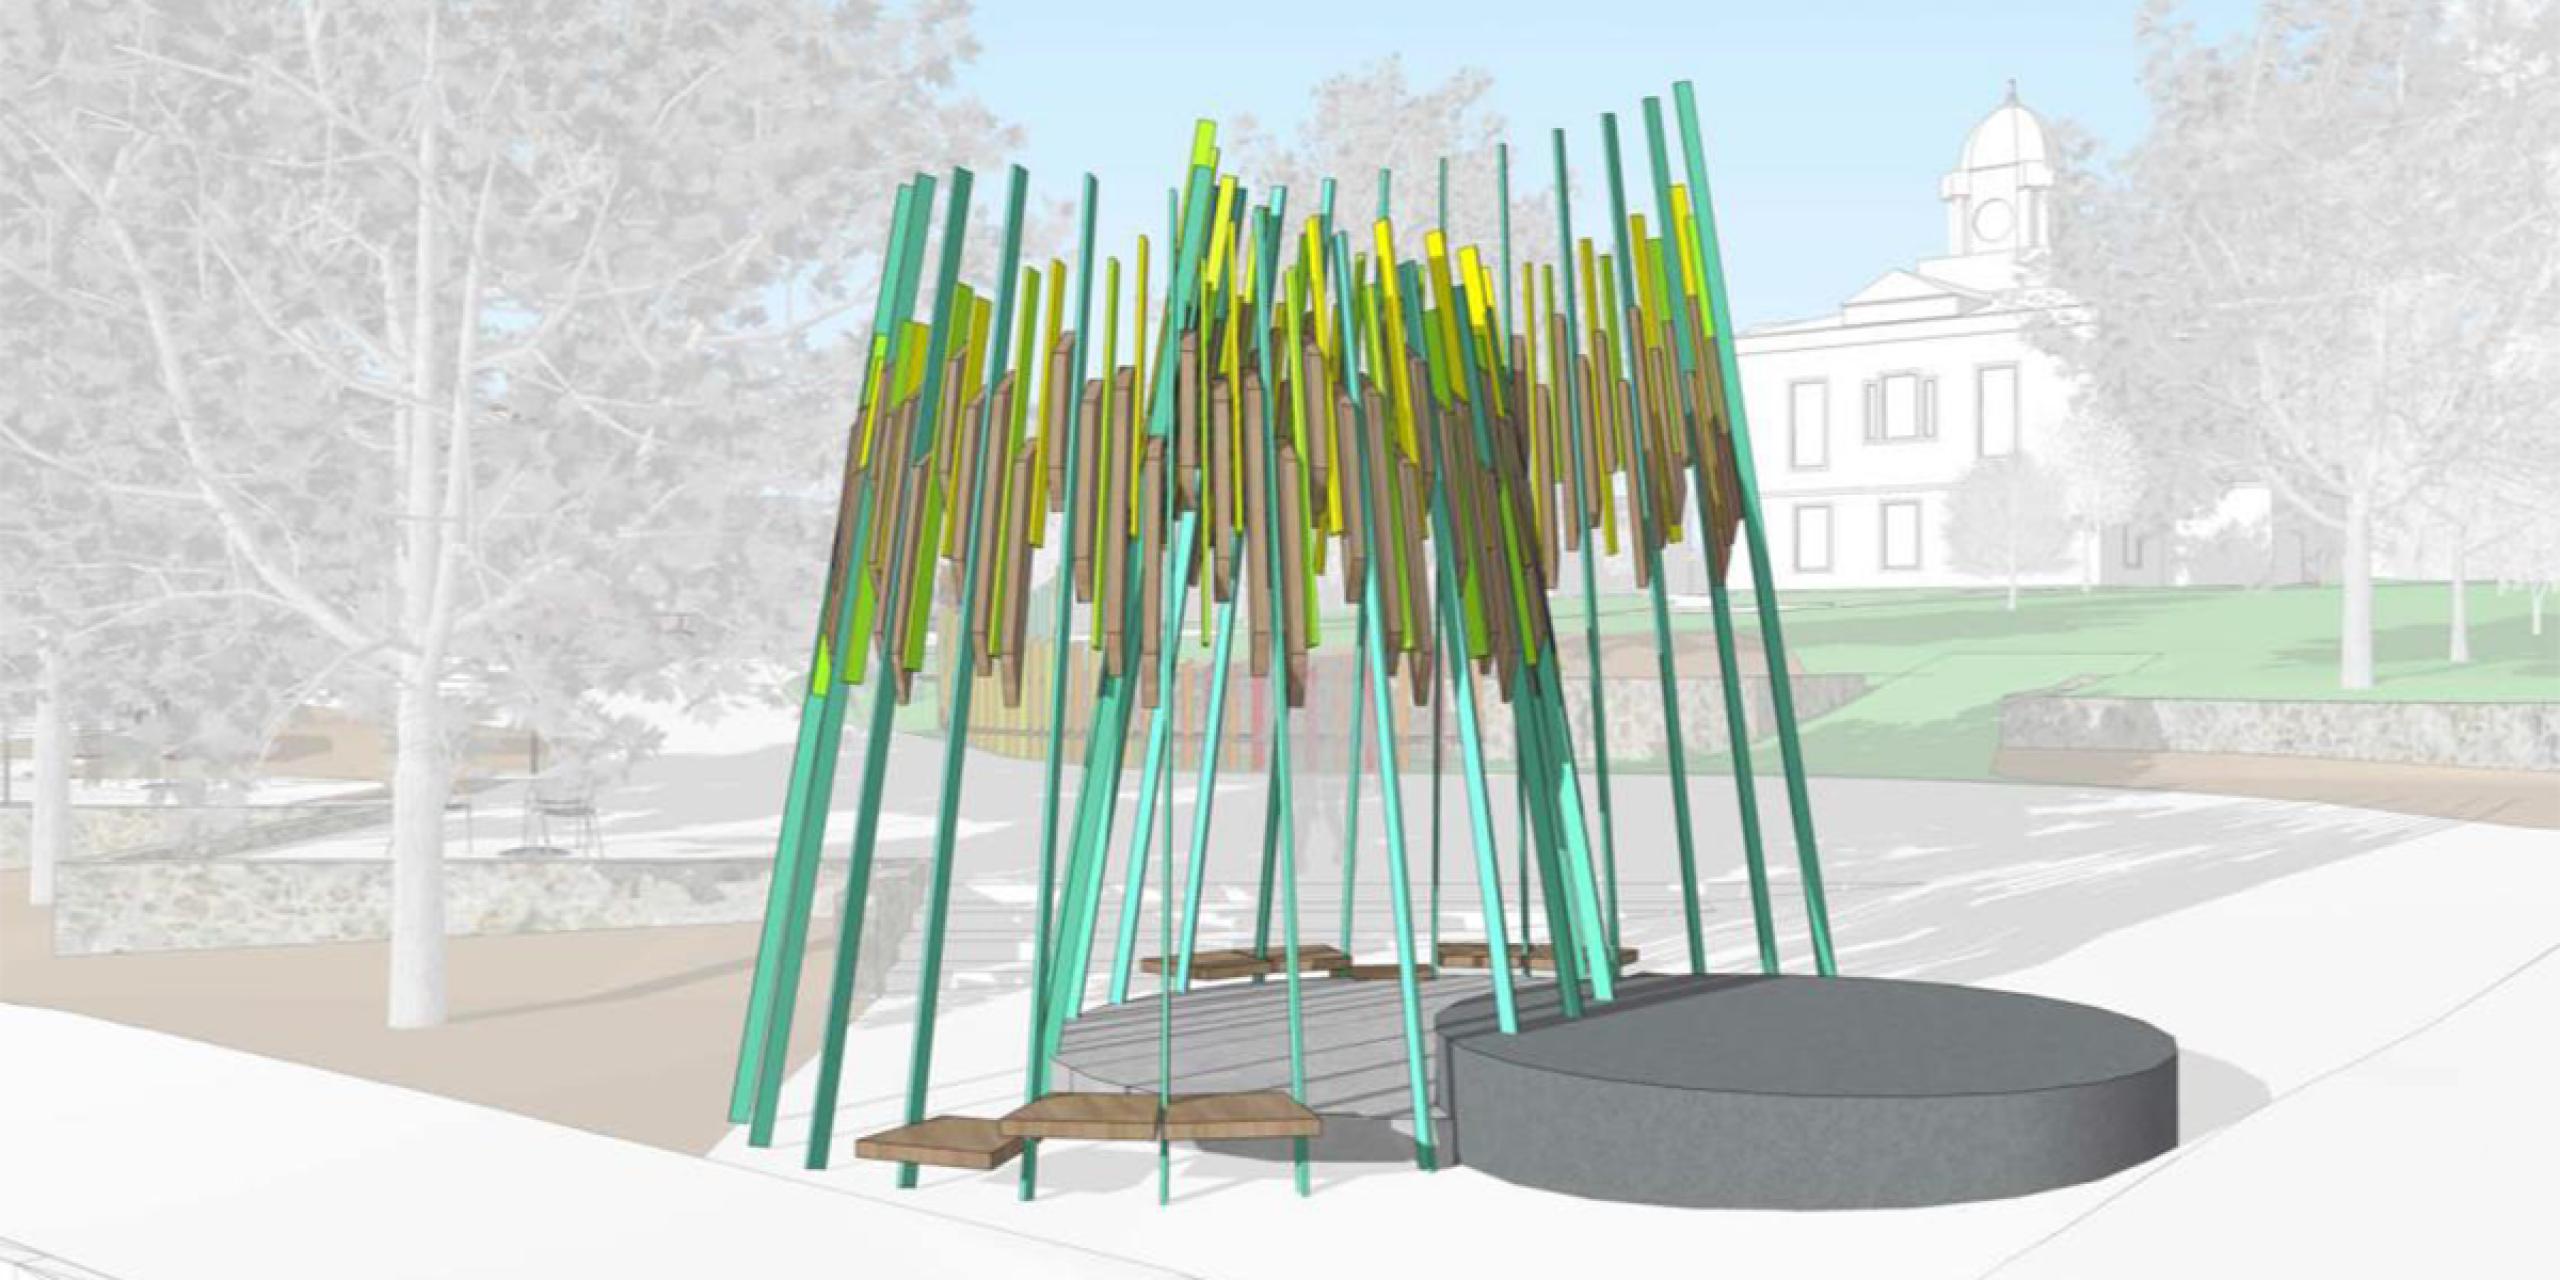 艺术家杨爱瑾Iwasaki为摩根顿法院广场项目进行渲染